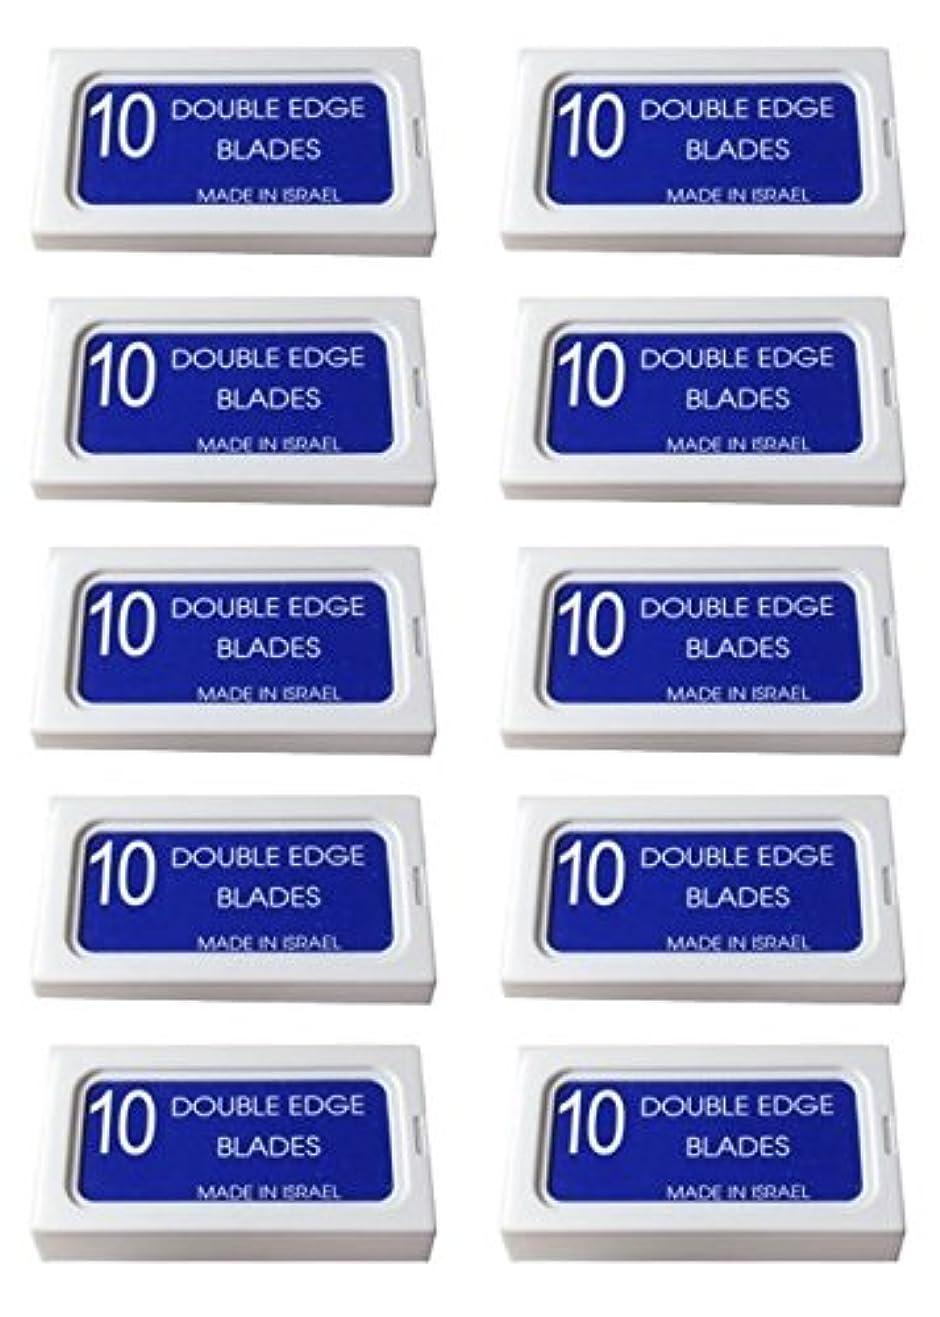 雑品不規則性不利Personna Crystal 両刃替刃 100枚入り(10枚入り10 個セット)【並行輸入品】